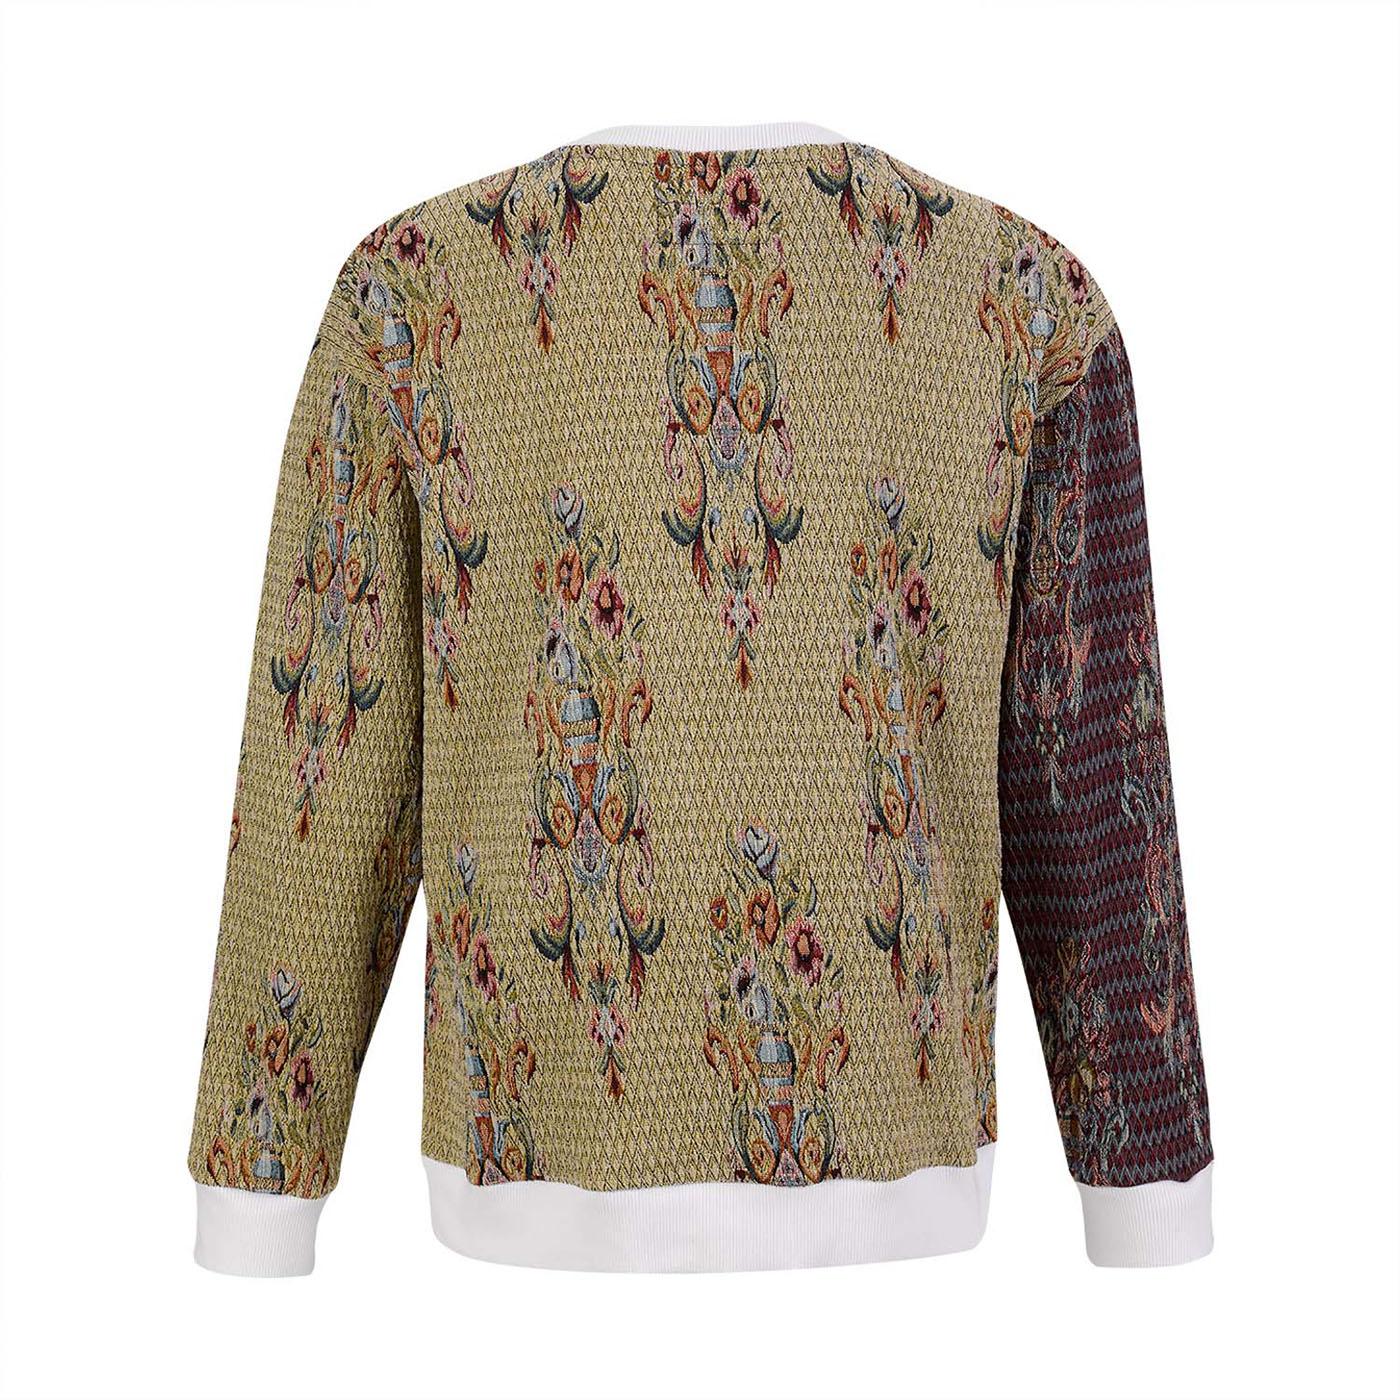 Jacquard Brocade Sweater Estelita Mendonça